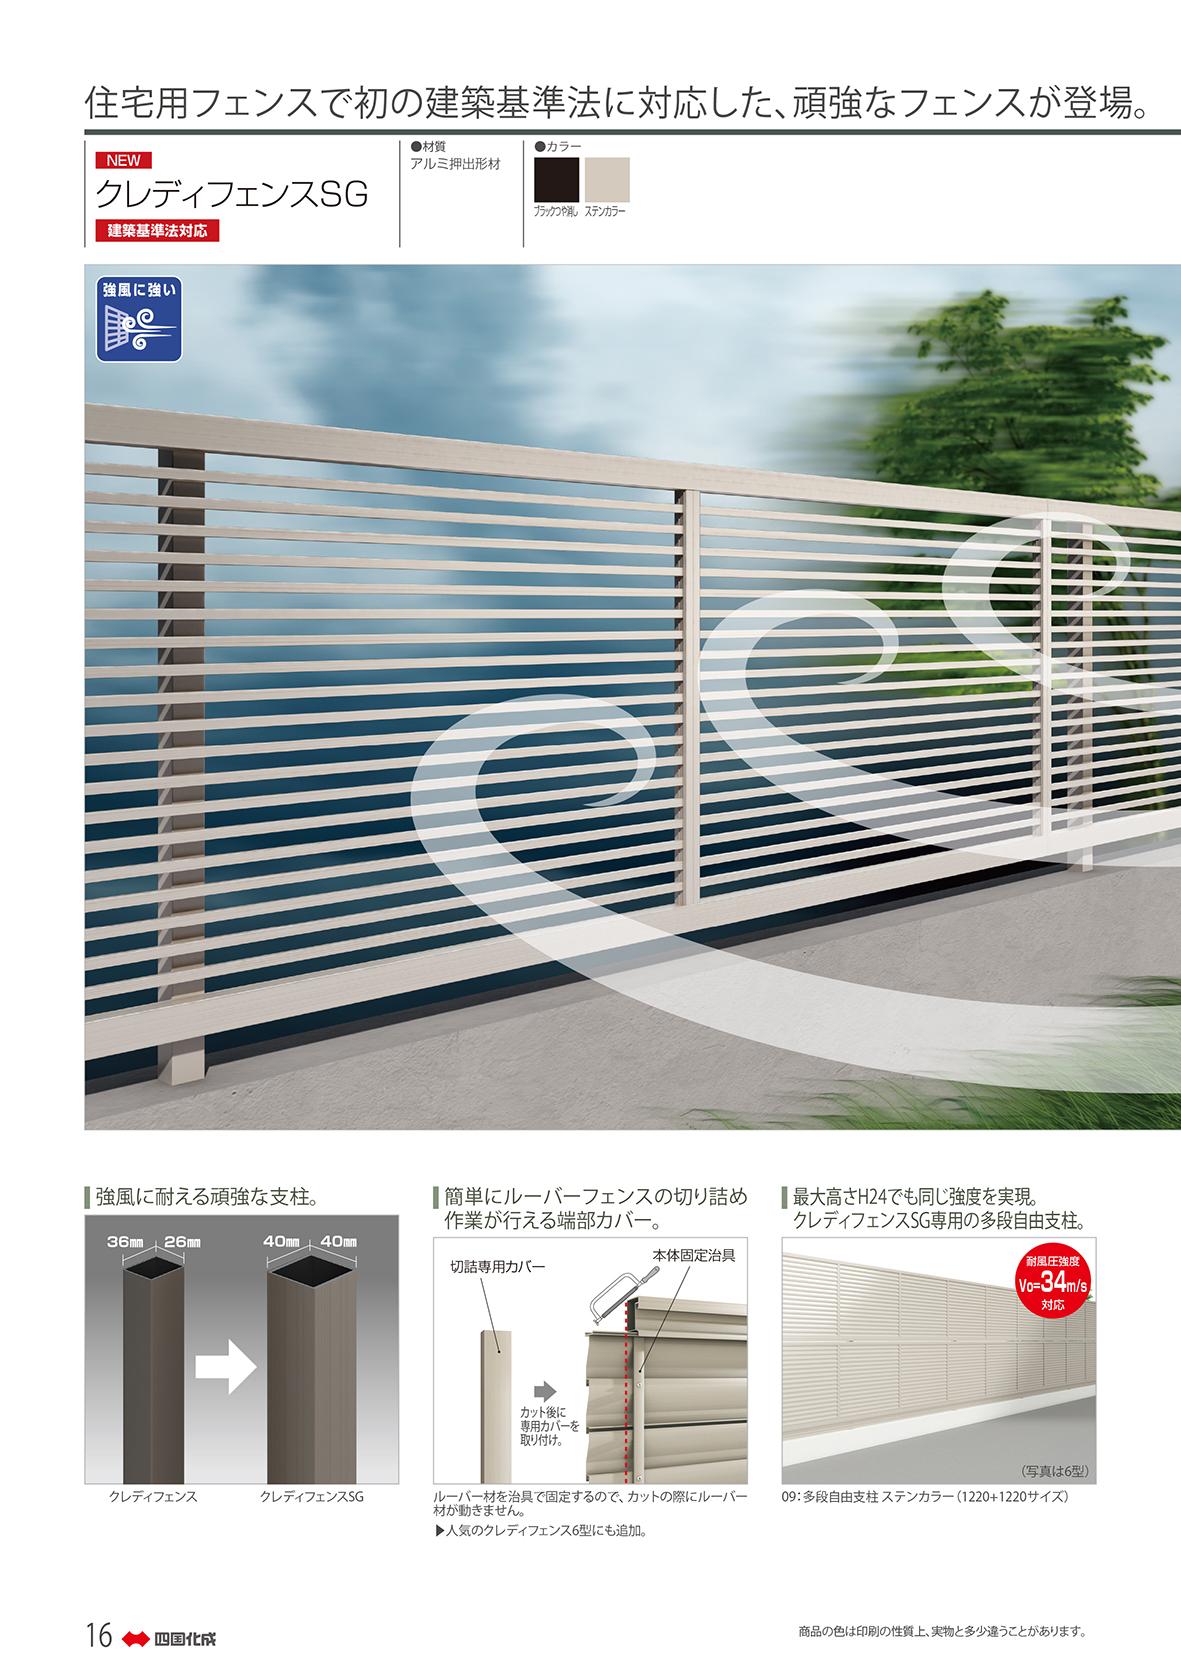 四国化成工業株式会社のスライドイメージ3枚目